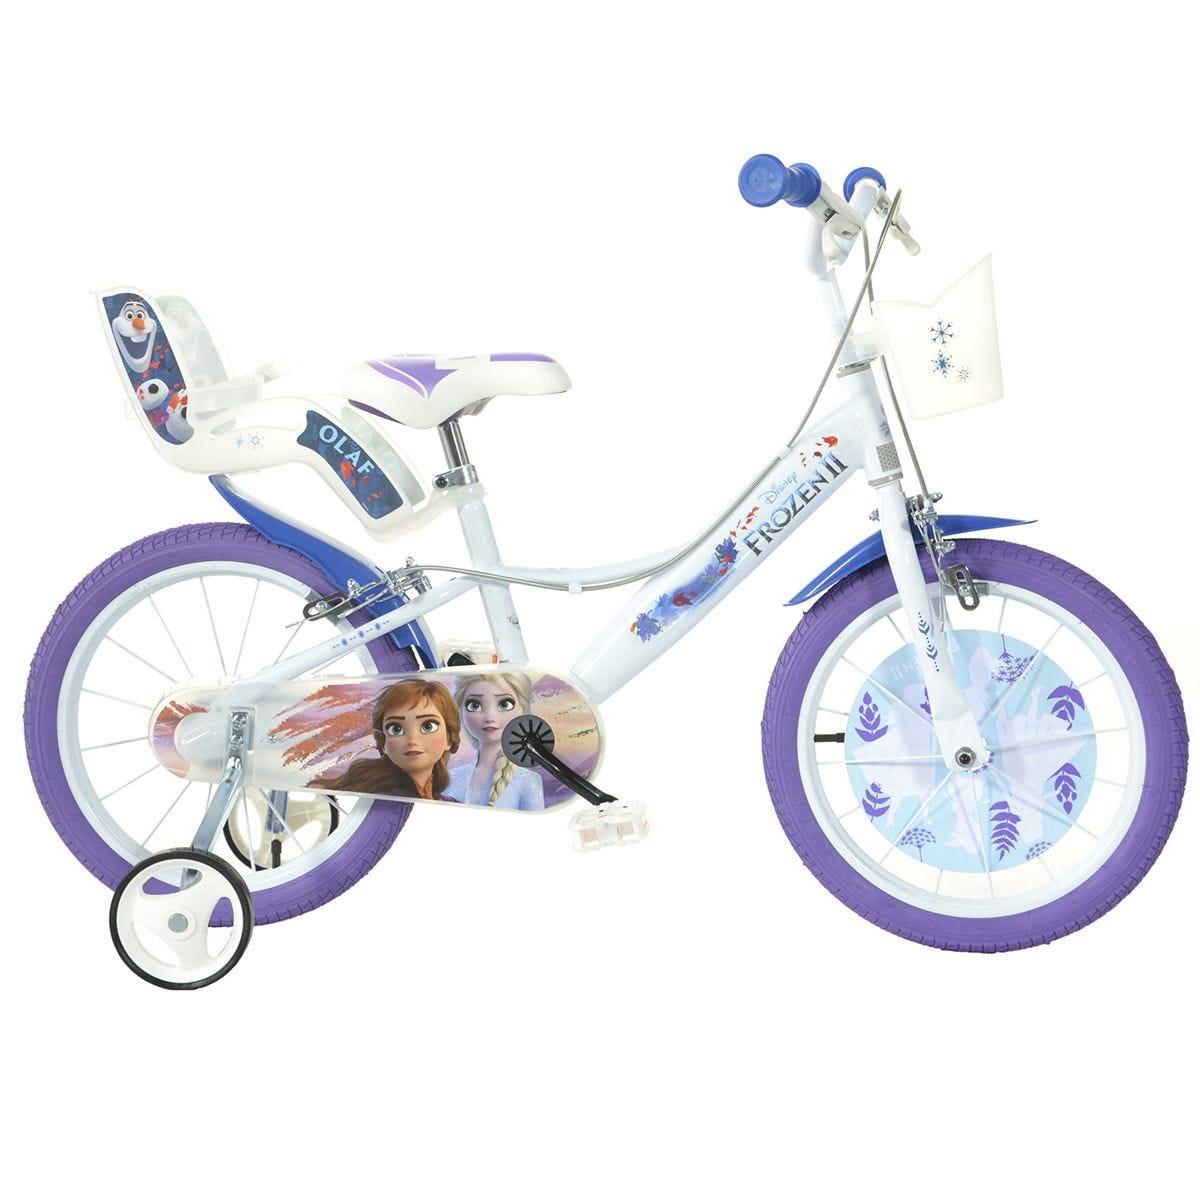 Disney's Frozen Kids Bike